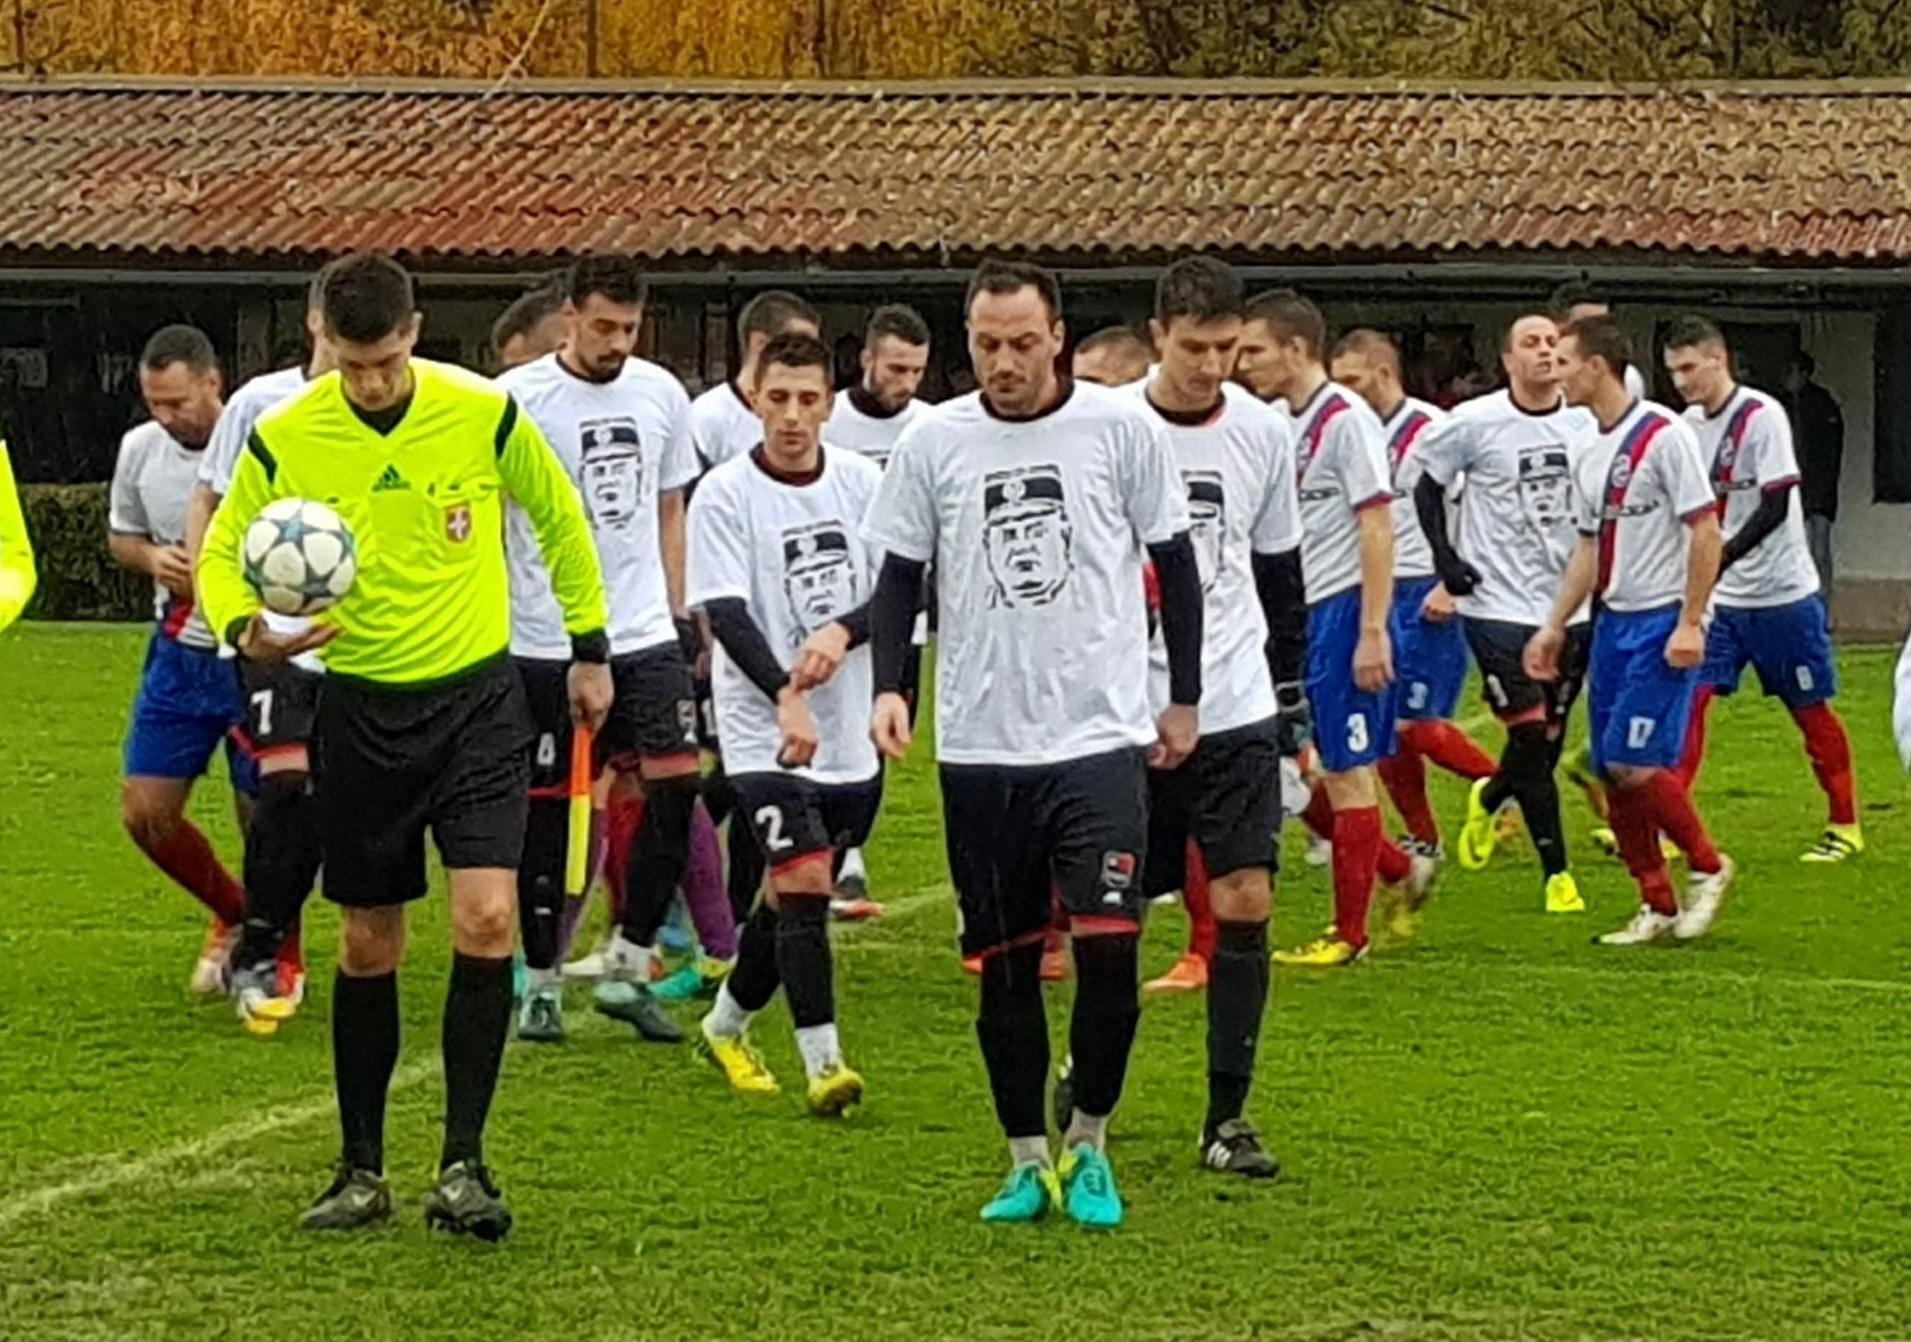 Novosadski nogometaši igrali su u majicama s likom Mladića